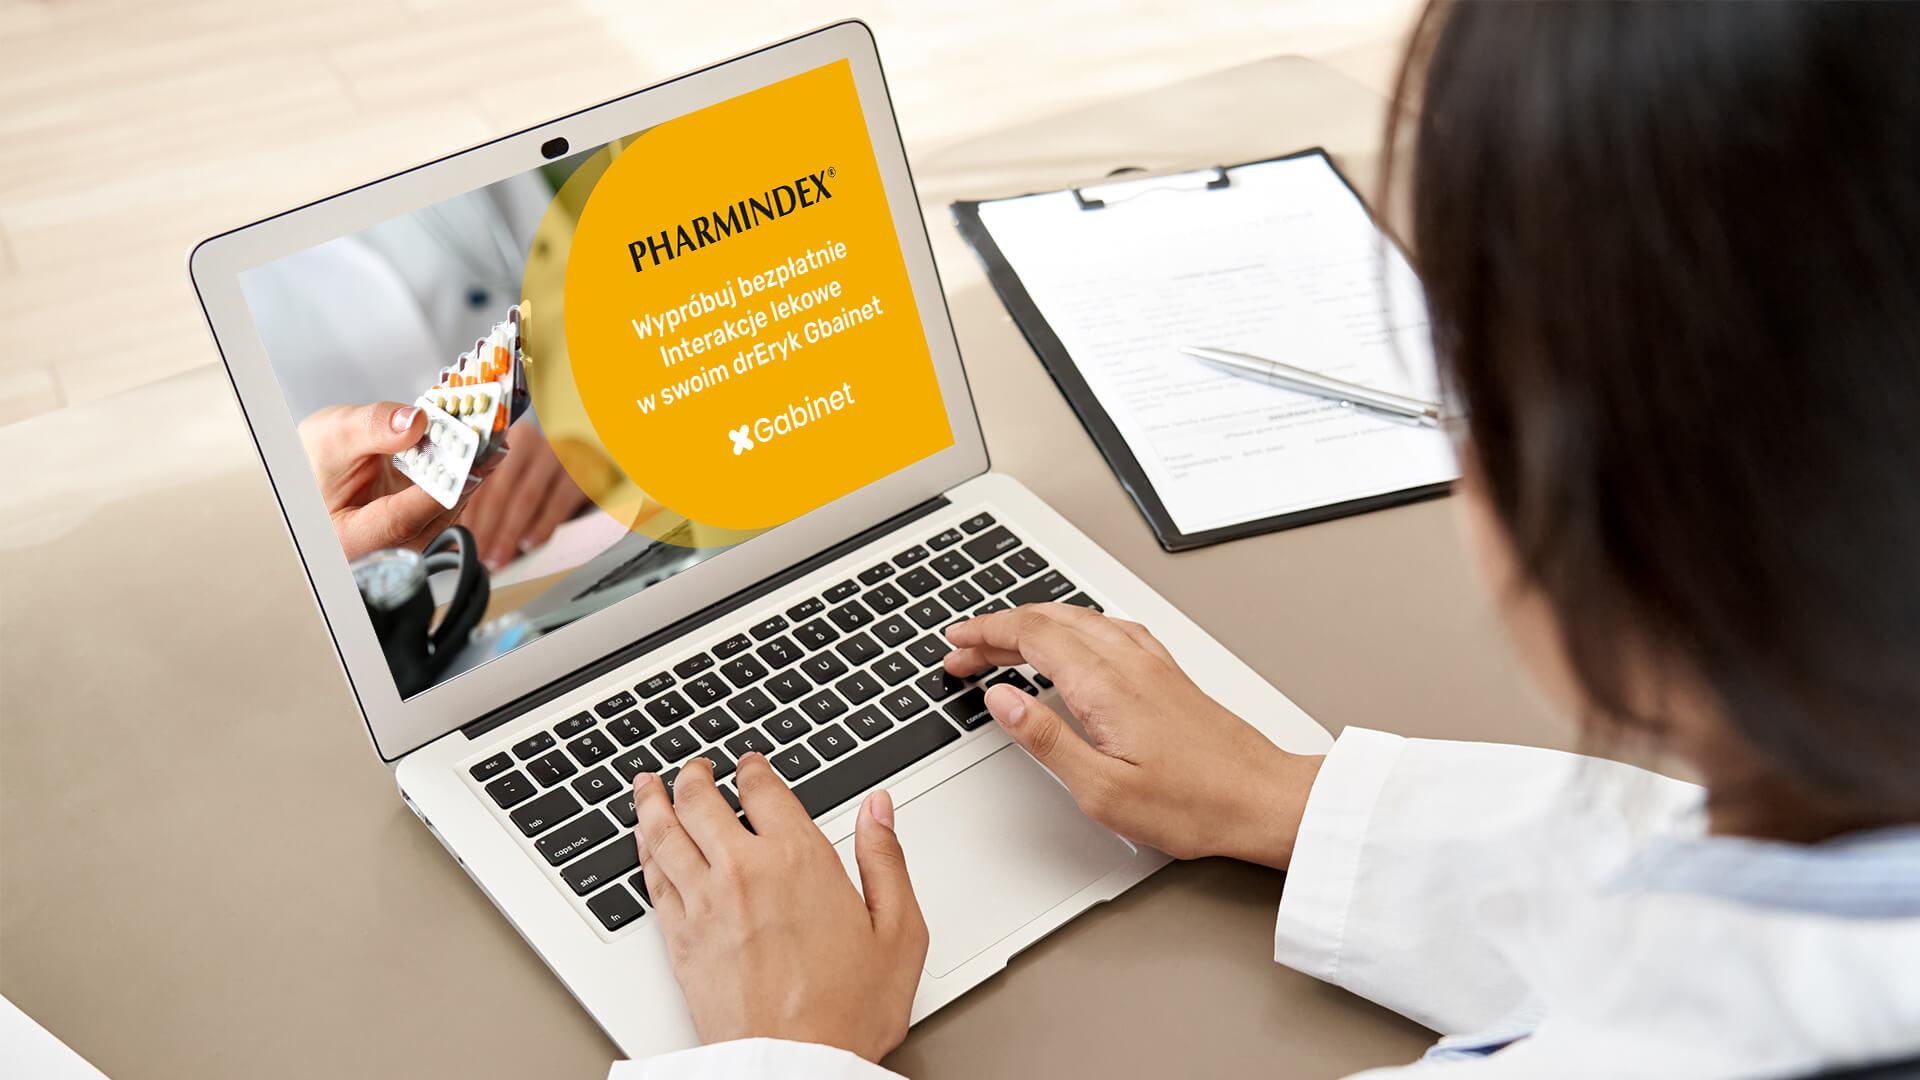 Interakcje lekowe w drEryk Gabinet - lekarz oglądający film promocyjny